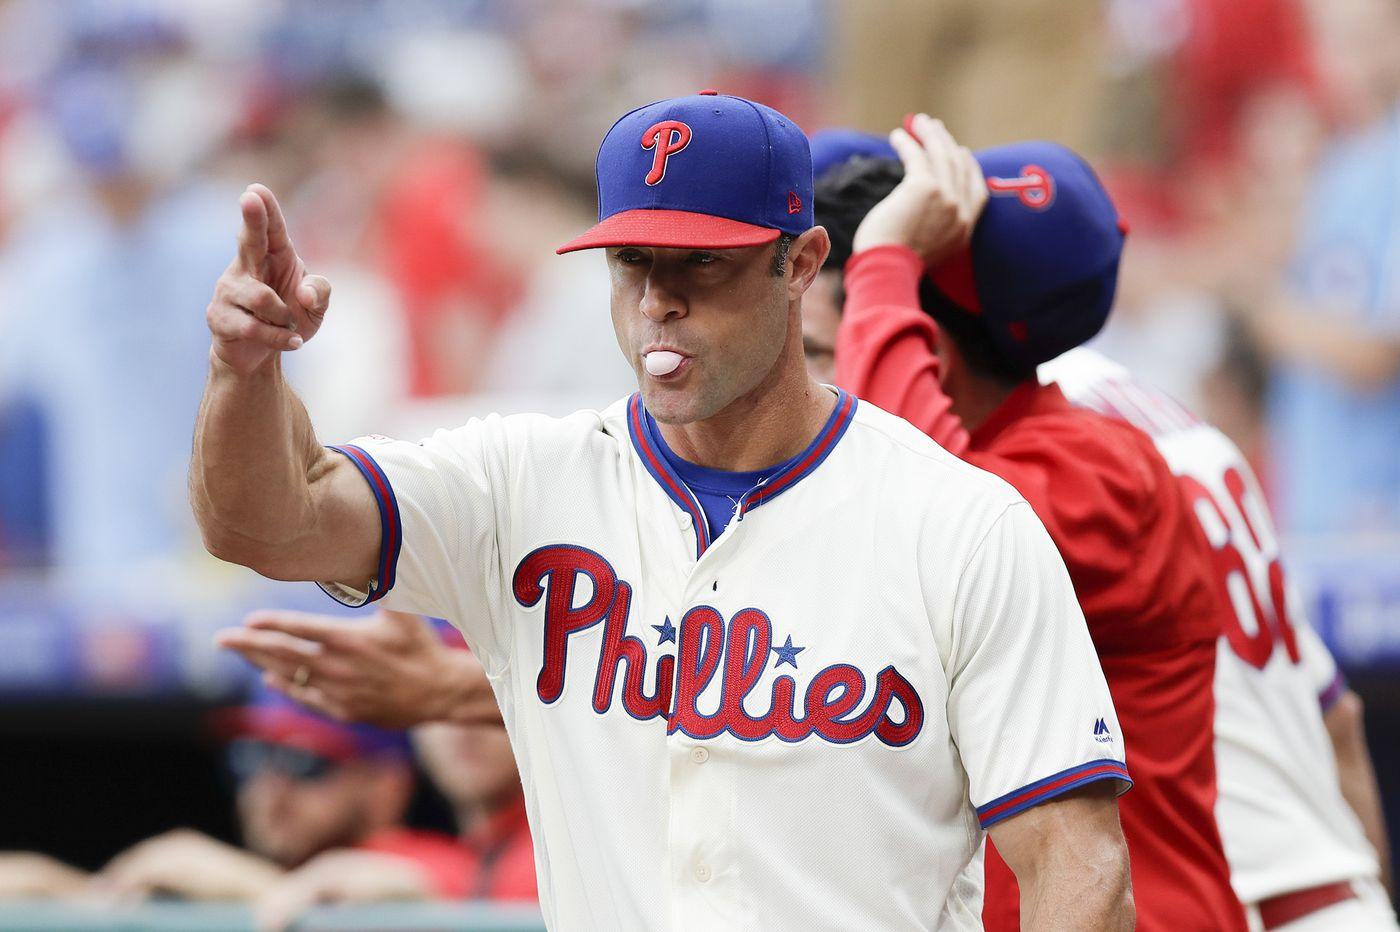 Phillies might fire Gabe Kapler, but did management deal him a fair hand? | Scott Lauber